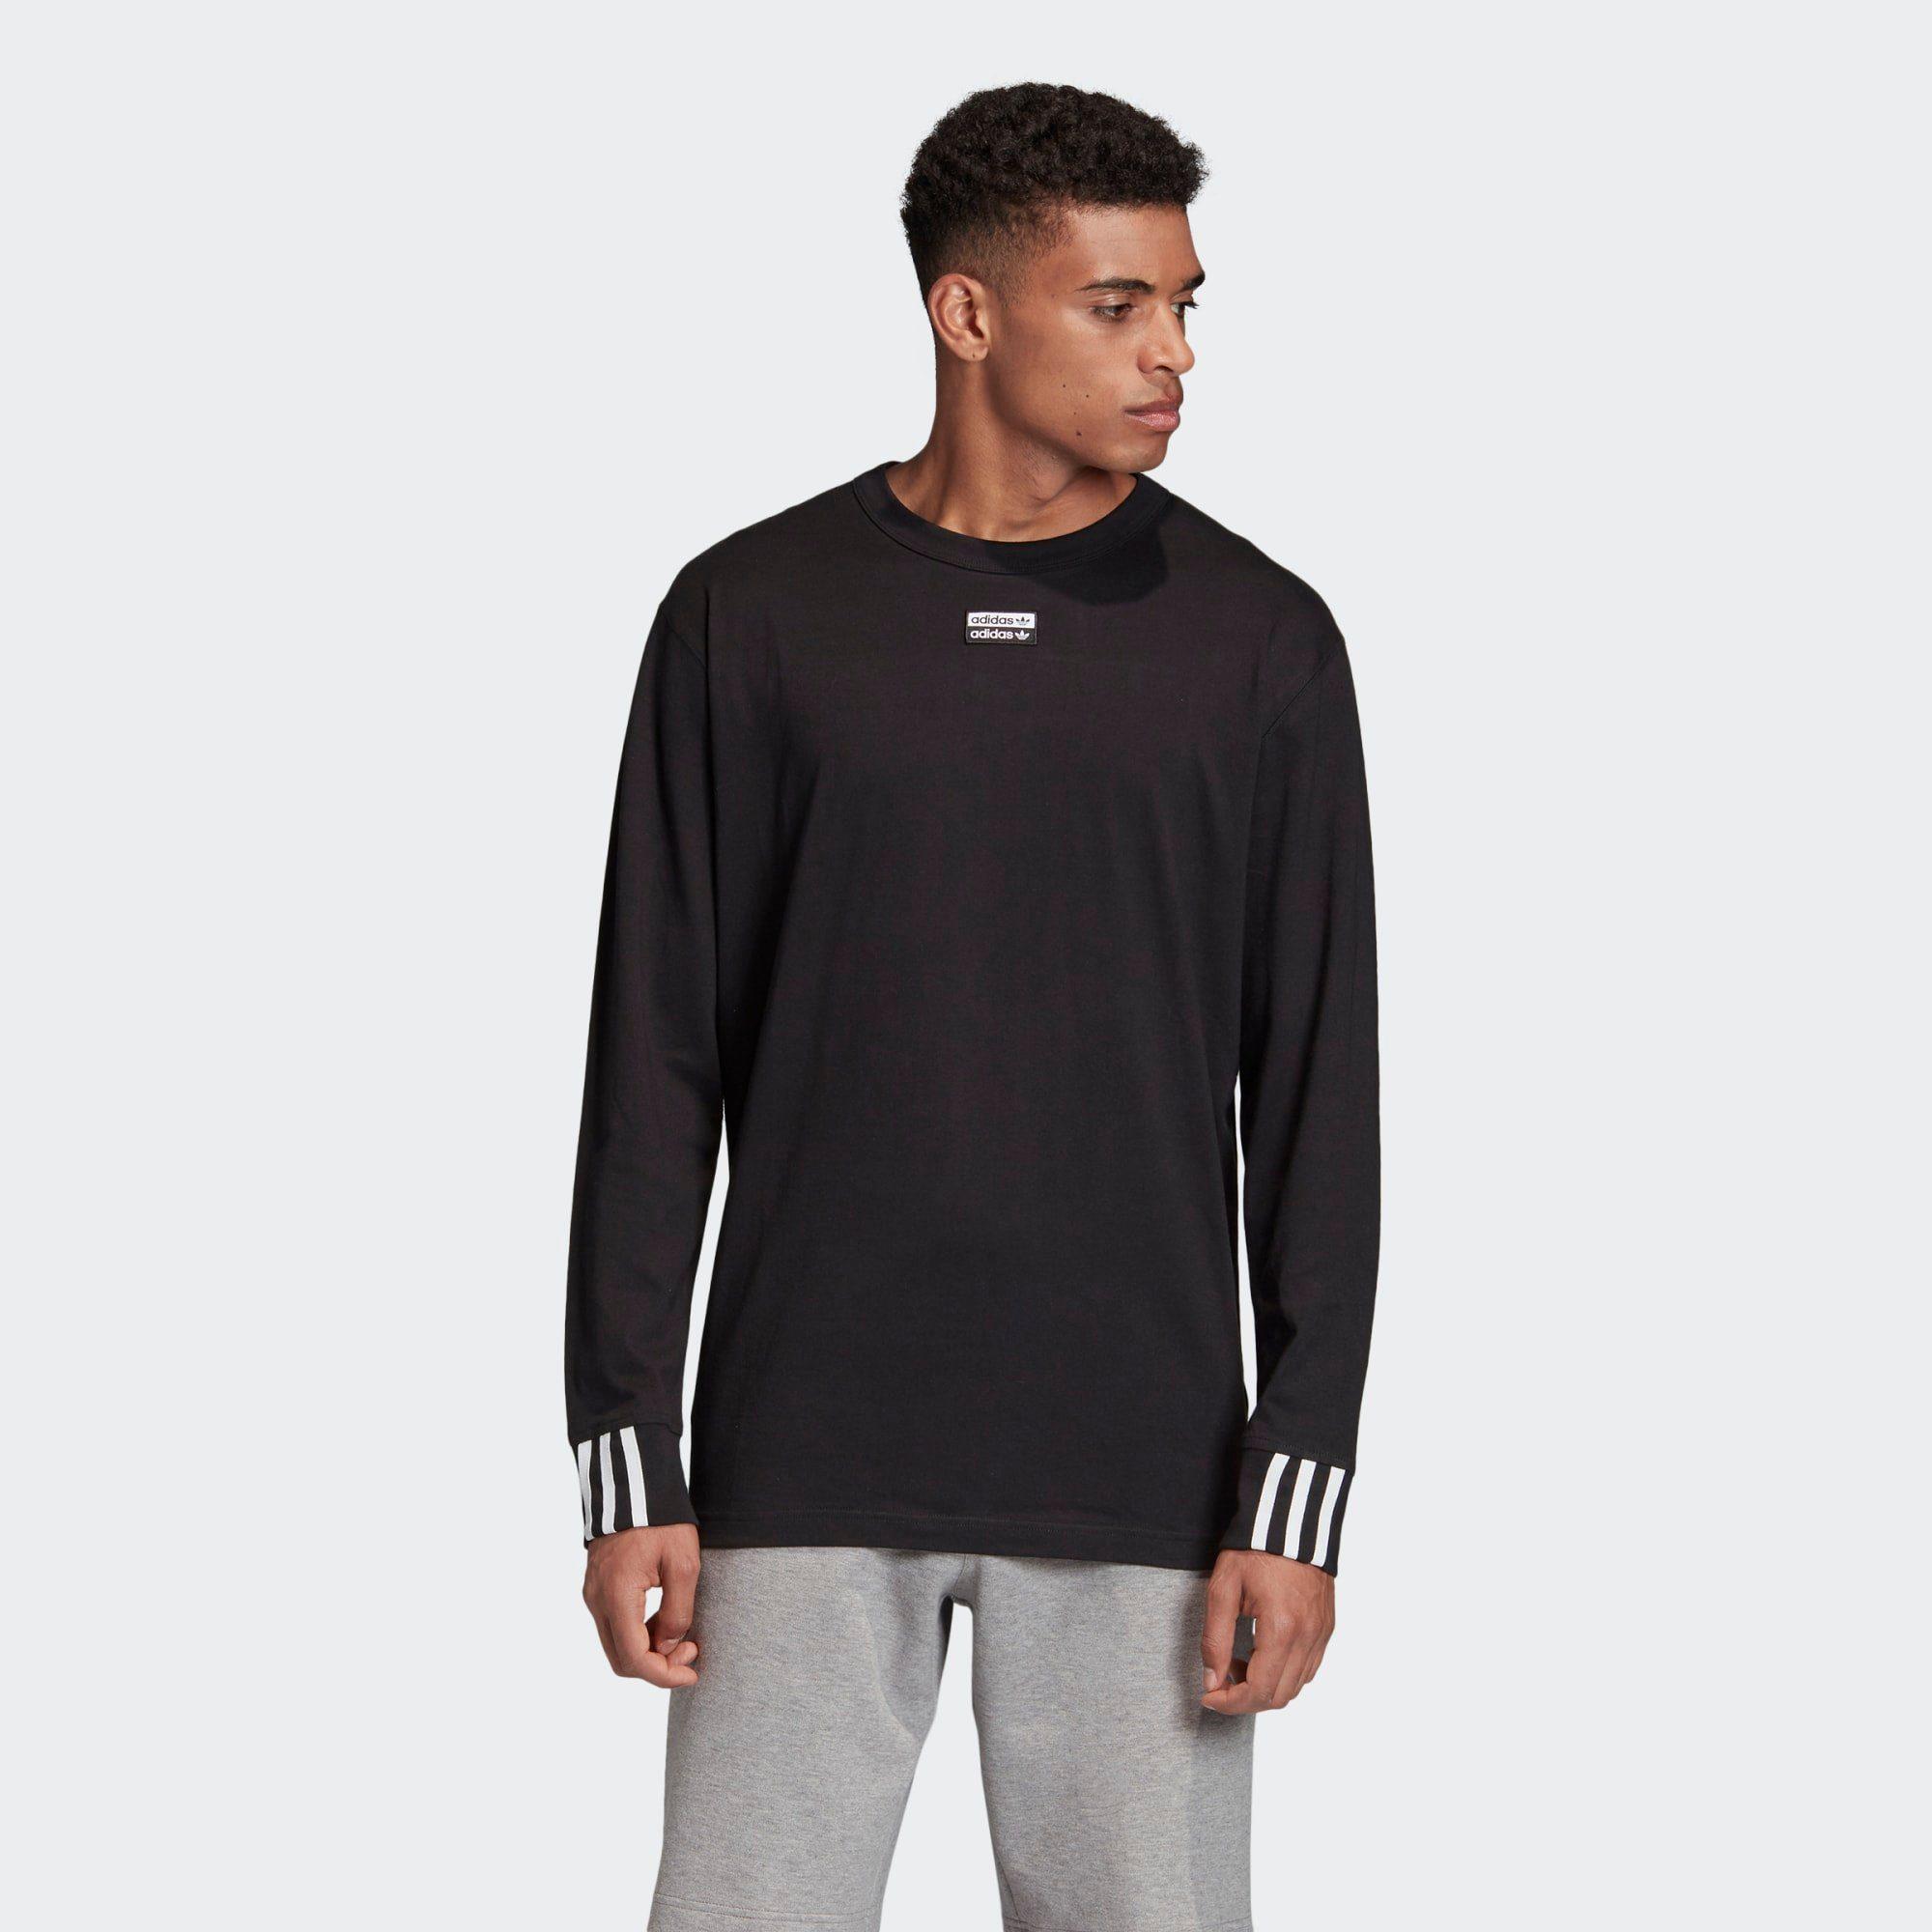 adidas Performance Langarmshirt »Own the Run Longsleeve« Response, Rundhalsausschnitt online kaufen   OTTO